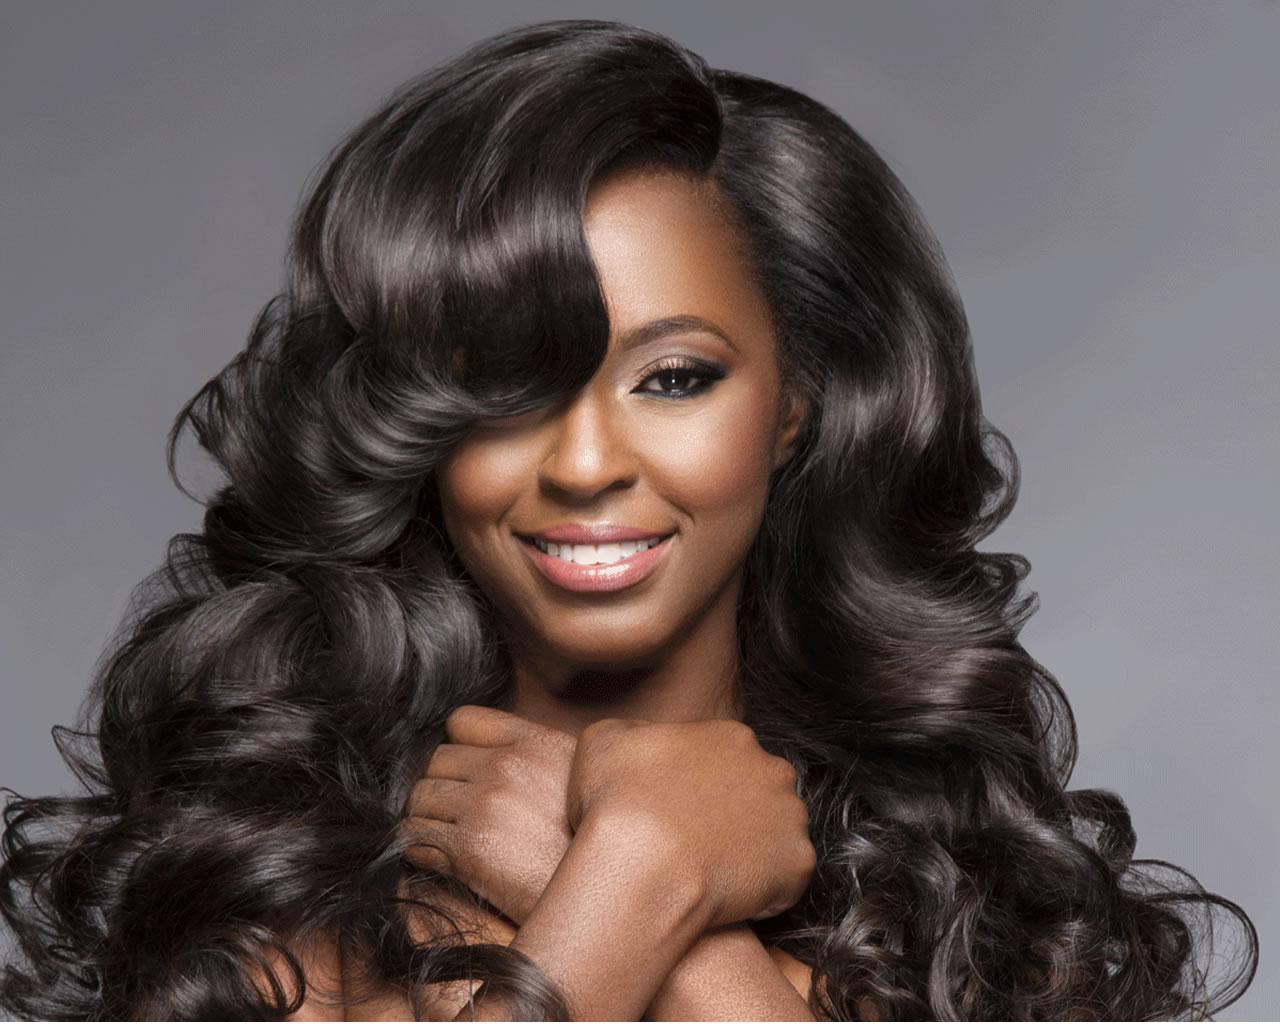 African beauty, black beauty, African women, african women beauty, Africa, African model, african Girls, hottest African, sexy africa, sexy black, hot black, women in black, black women tumblr, short hairstyles, black boots, black women hairstyles